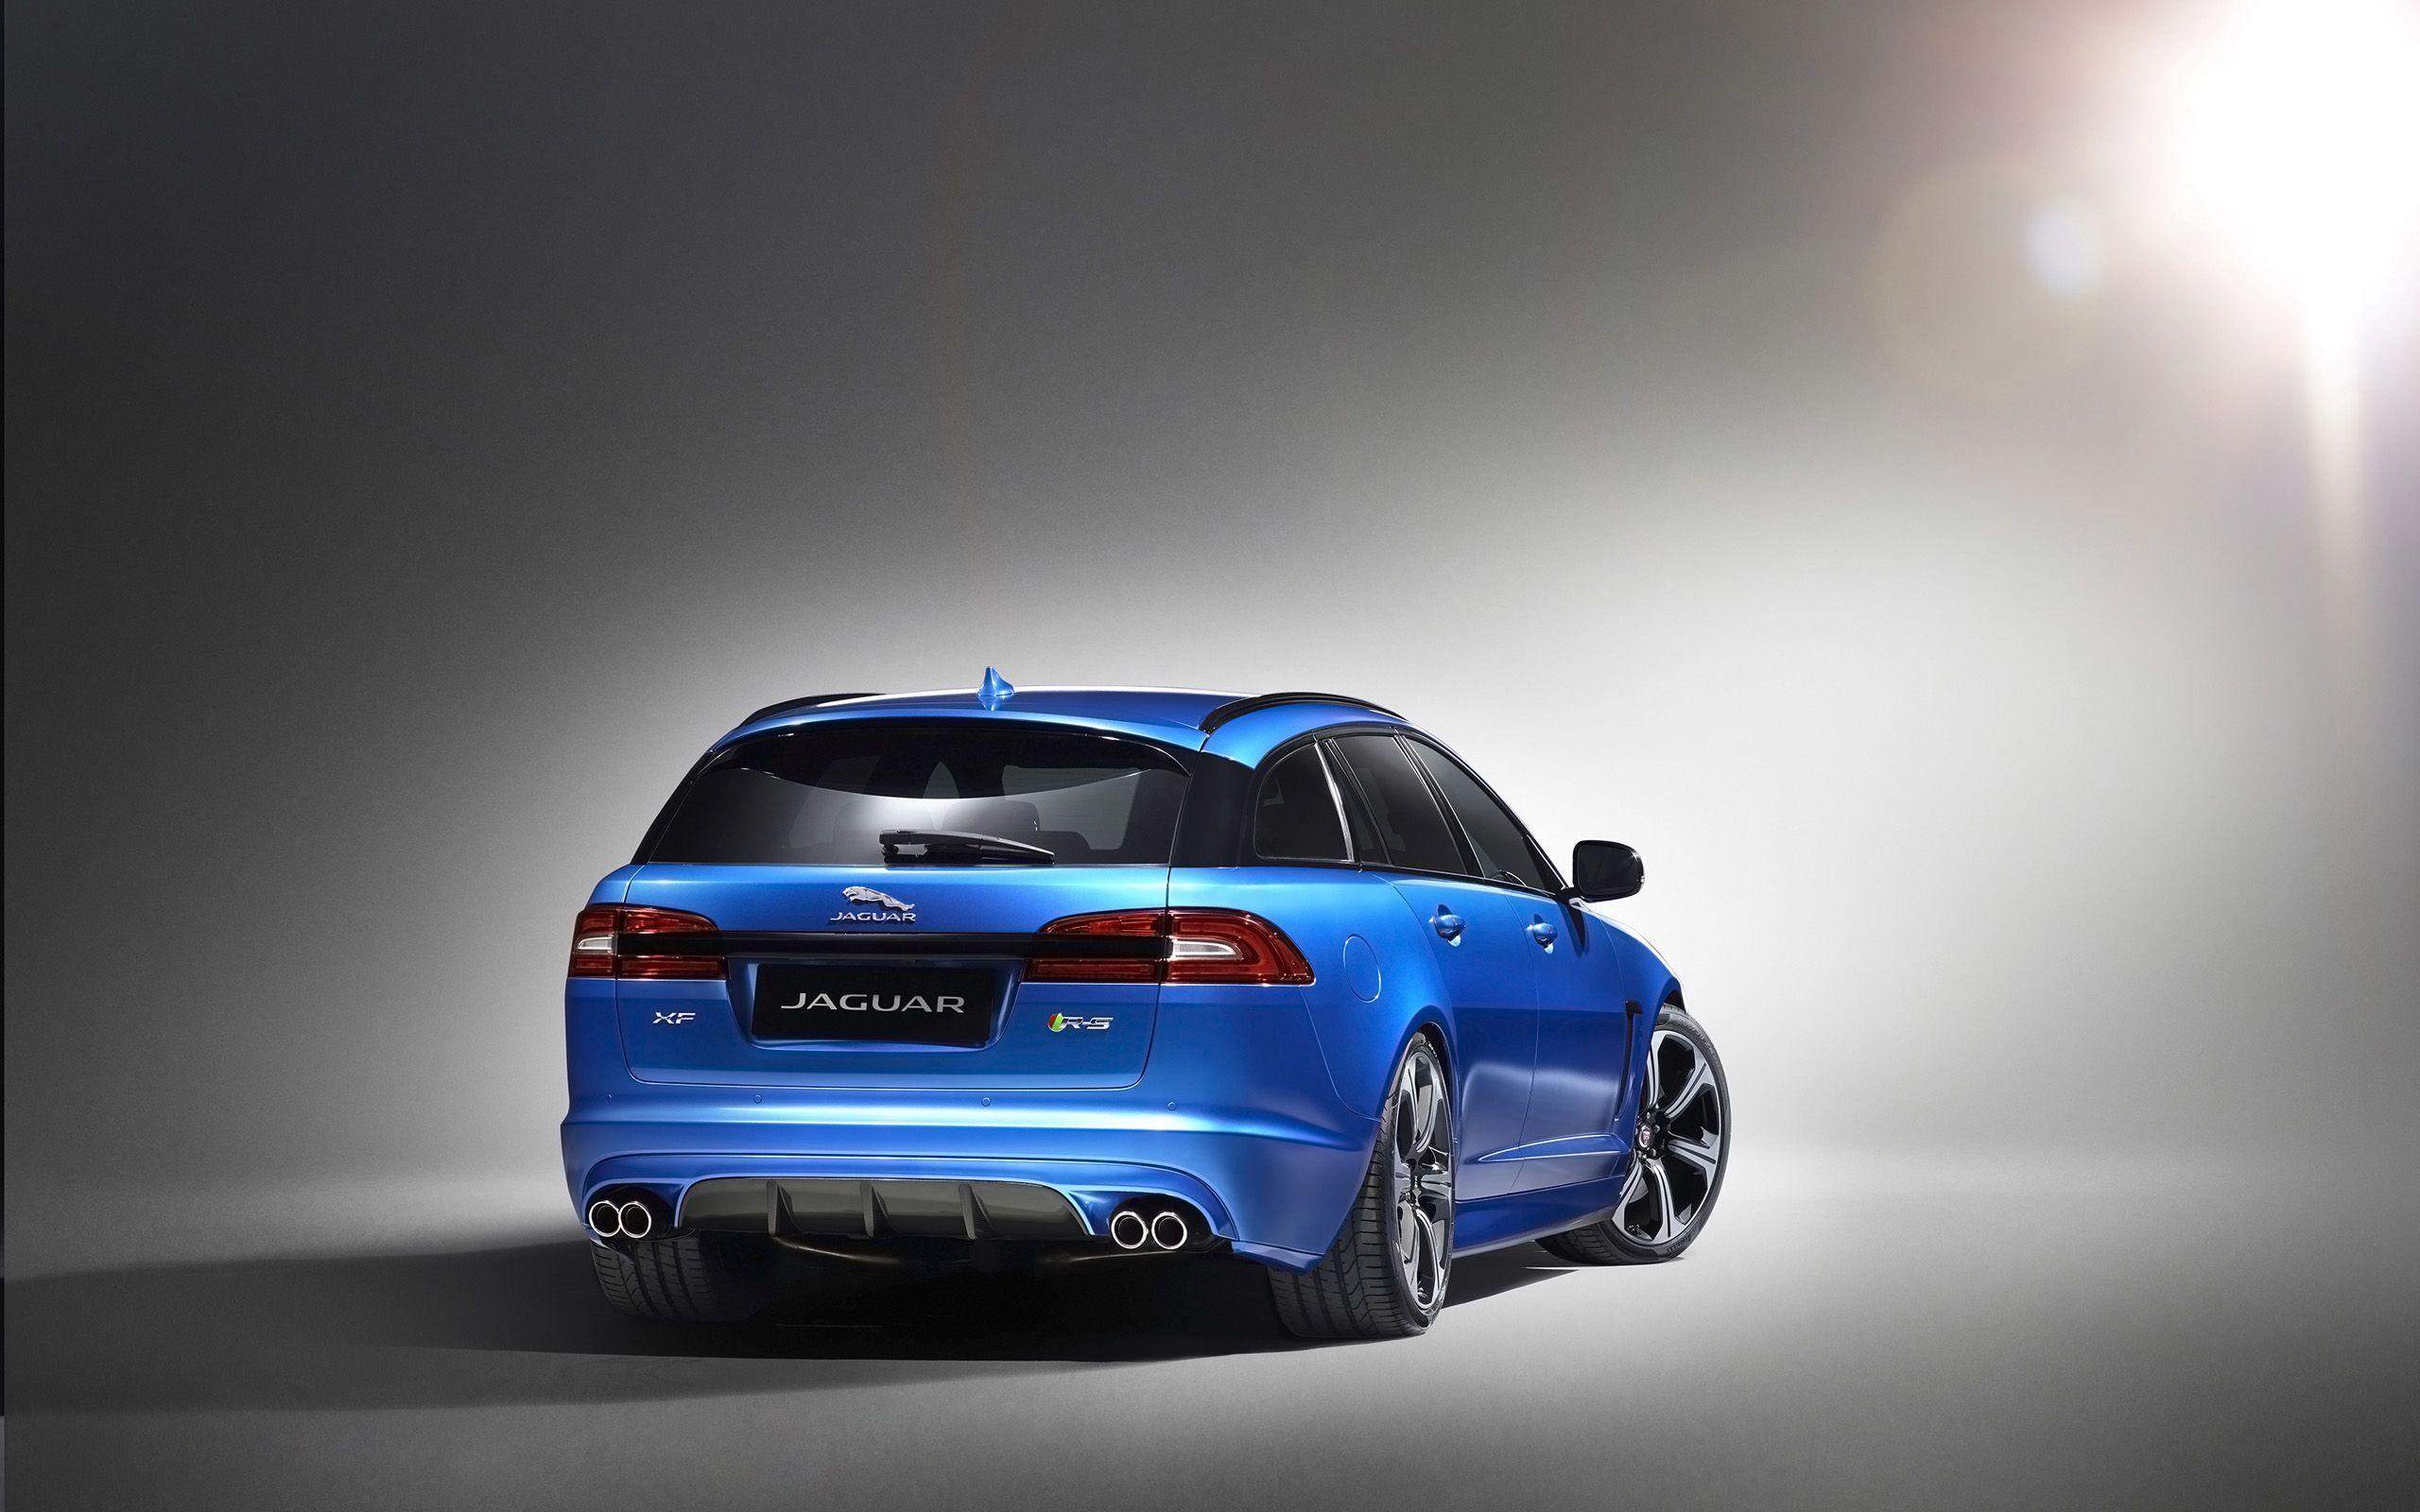 2015 Jaguar Xfr S Sportbrake Studio 6 2560x1600 Jpg 2560 1600 Jaguar Car Wallpapers Wallpaper